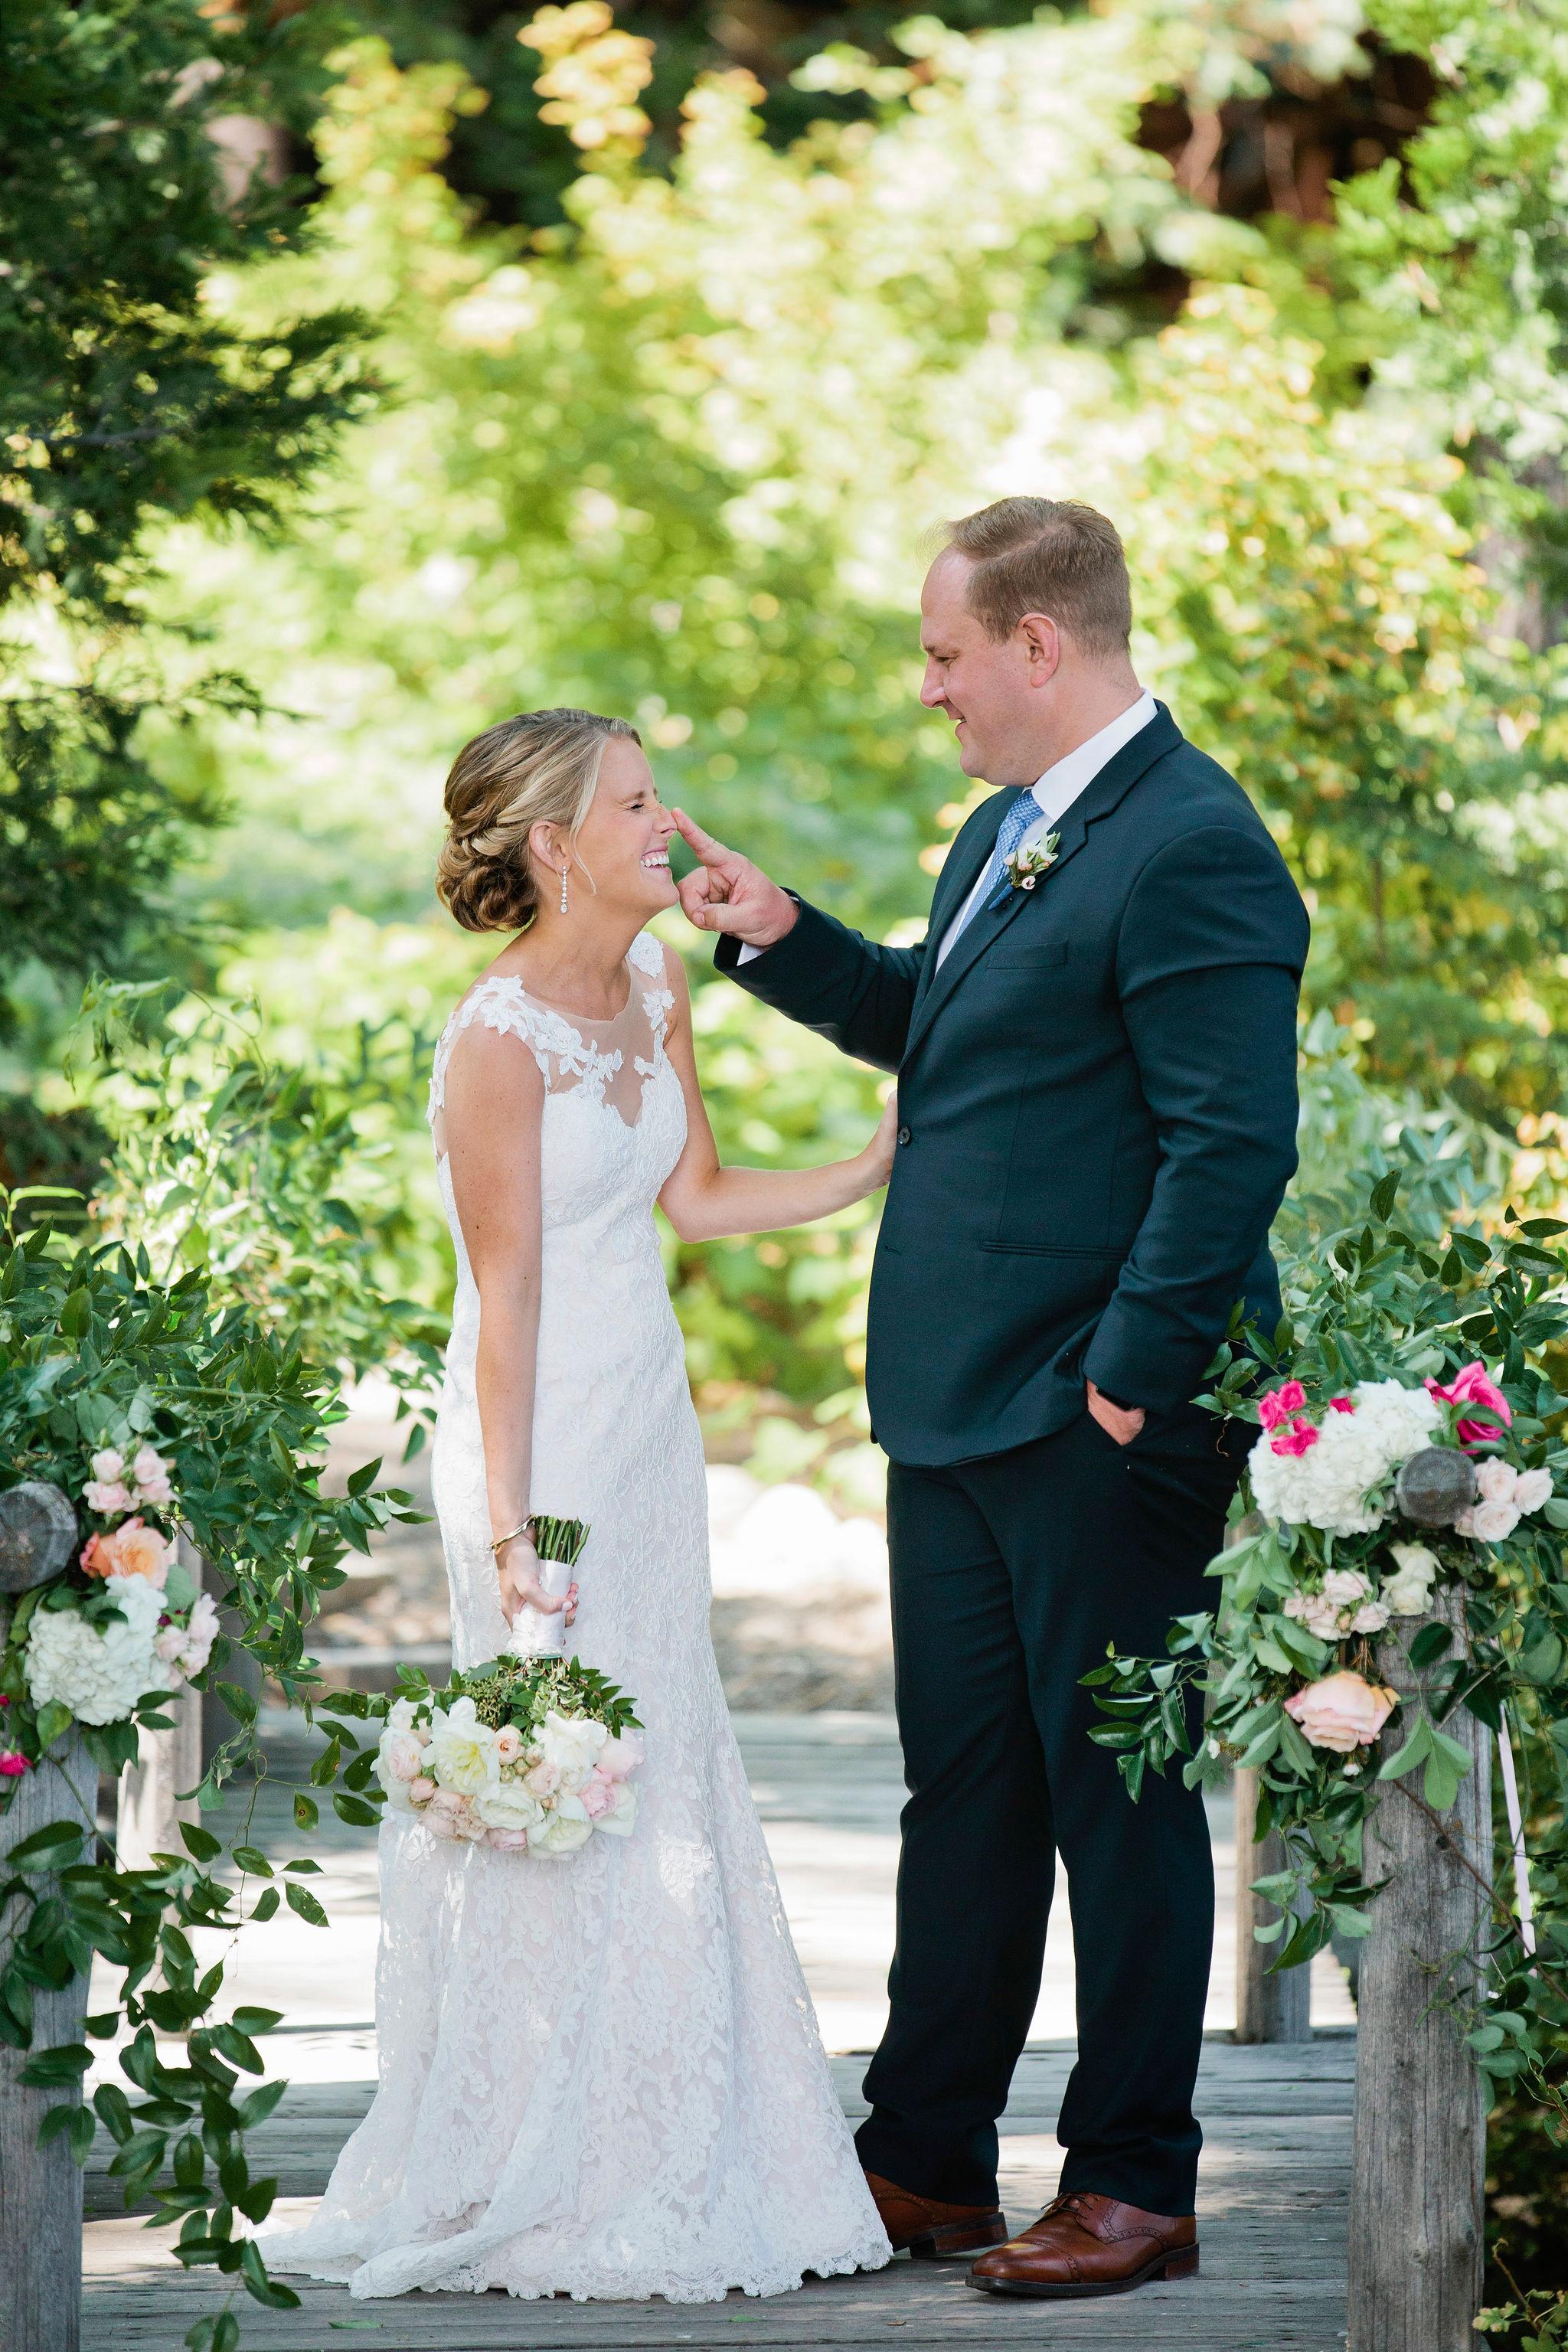 Best-BayArea-Wedding-Photo-27.JPG